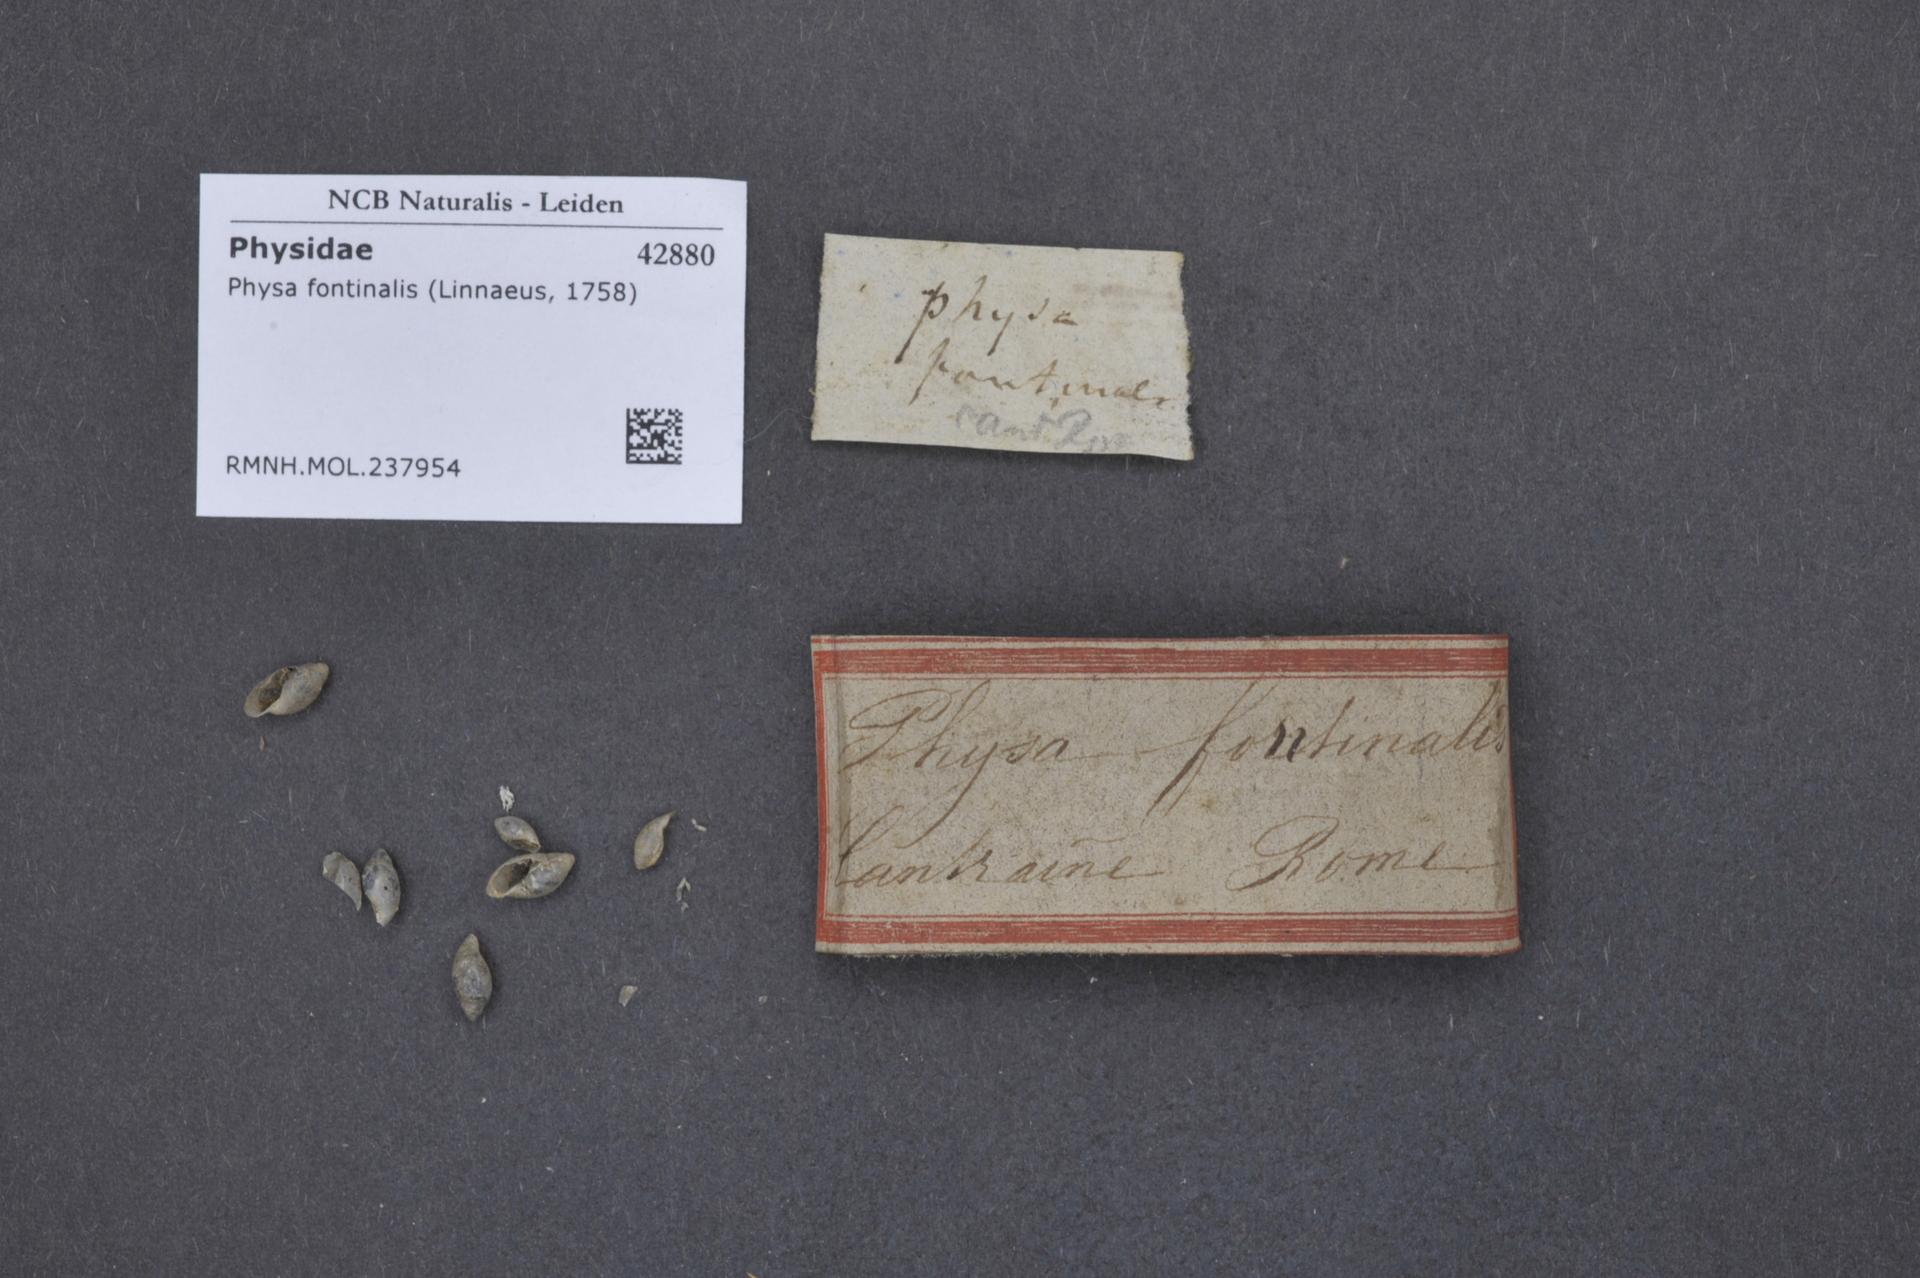 RMNH.MOL.237954   Physa fontinalis Linnaeus, 1758